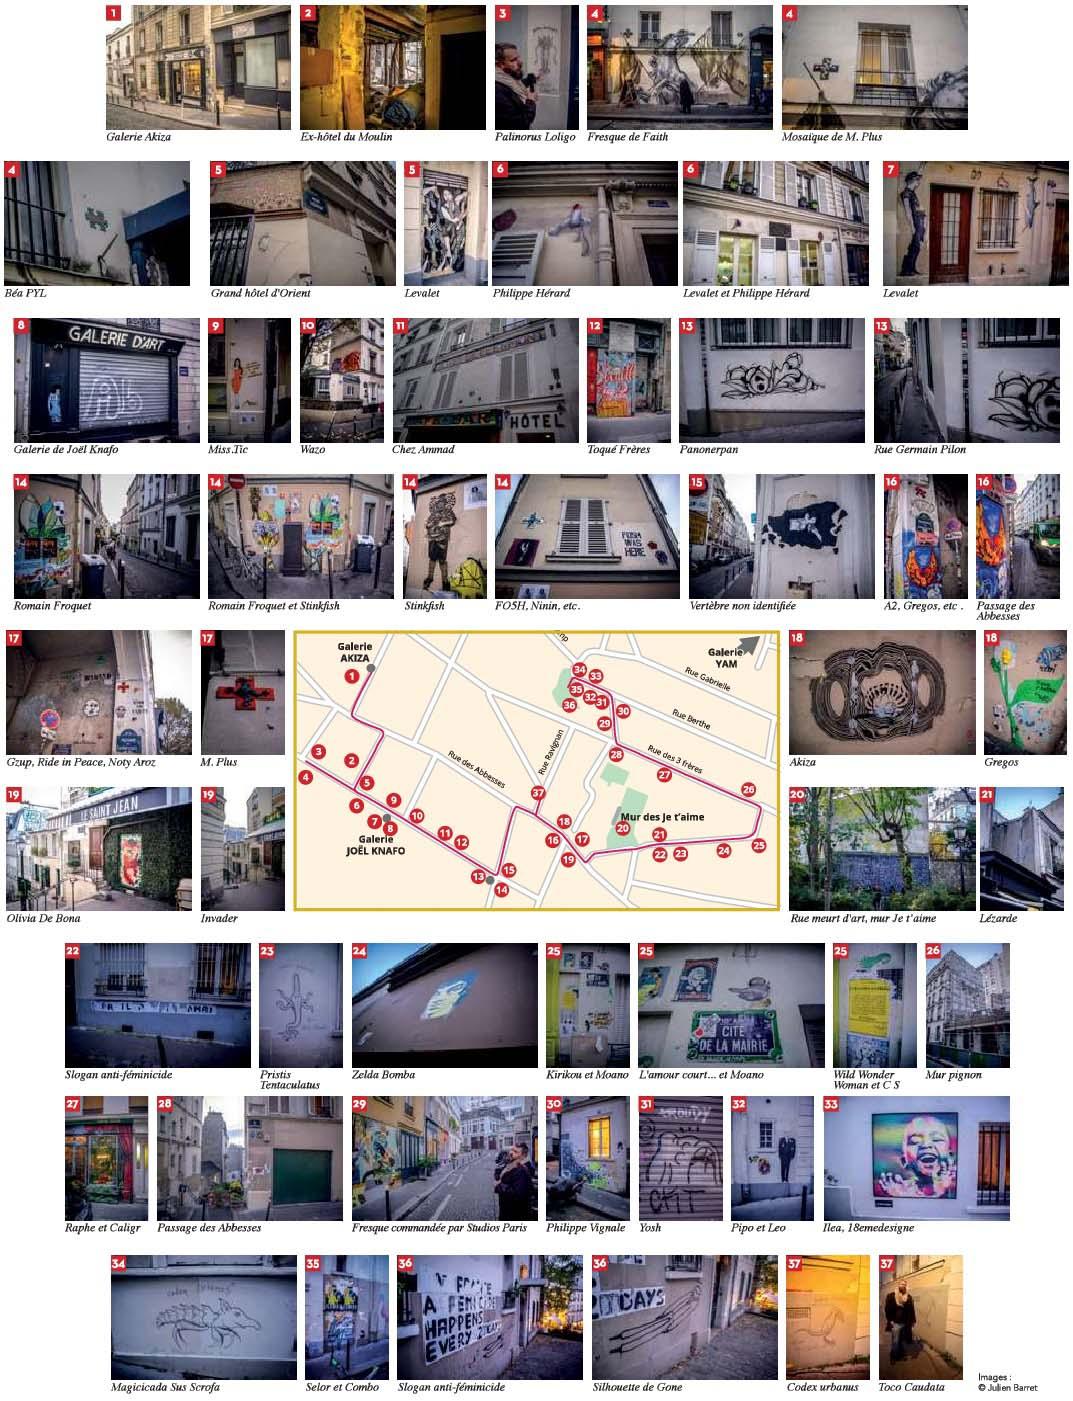 Parcours street art à Montmartre avec Codex Urbanus - autourdeparis - 18 Les Nouvelles